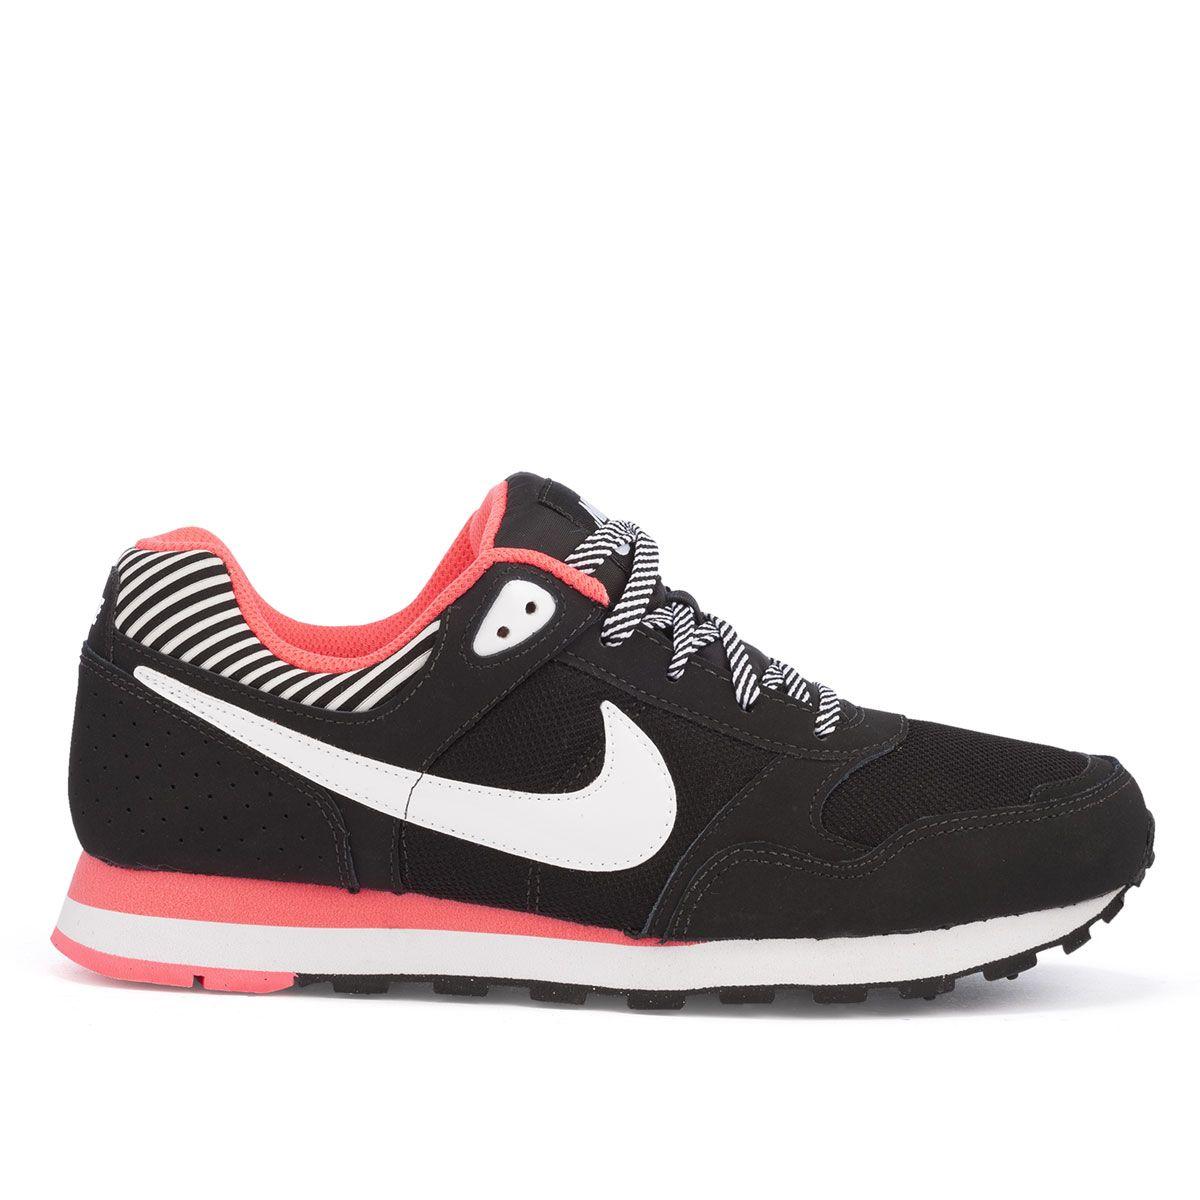 Pin van Tessa op Schoenen in 2020 | Nike schoenen, Meisjes ...